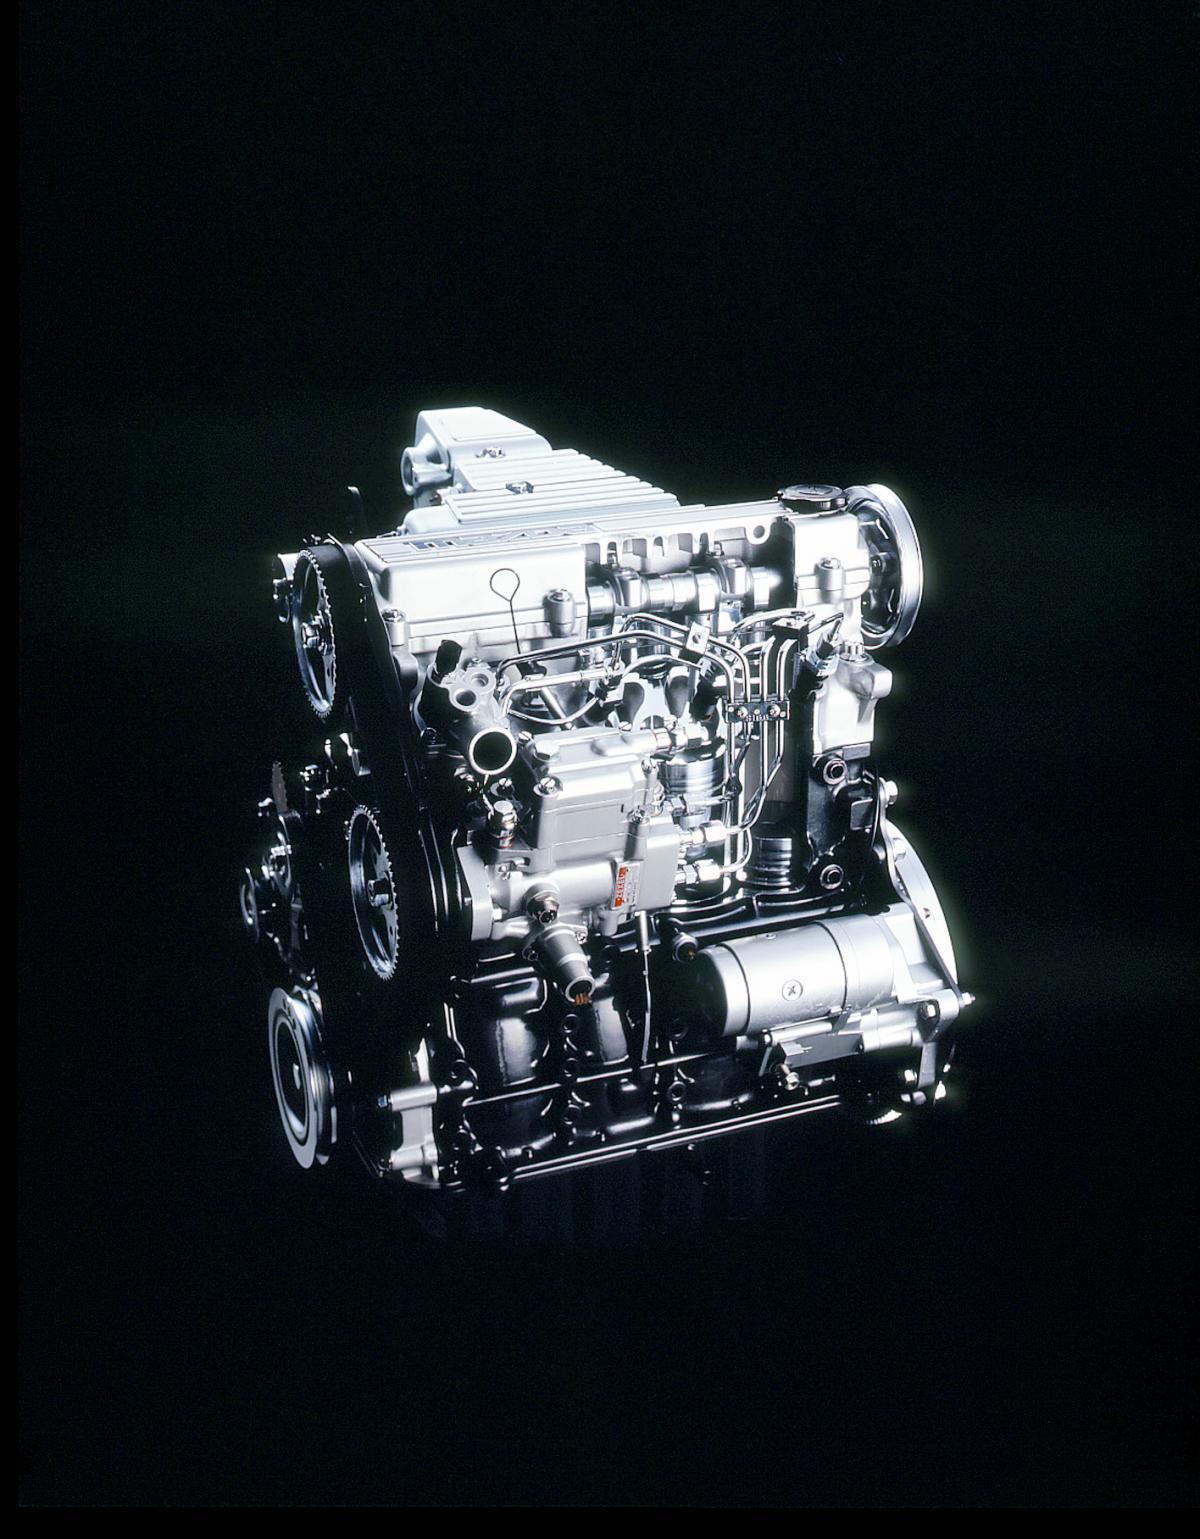 最近めっきり減ったスーパーチャージャー搭載の胸熱な国産車11選